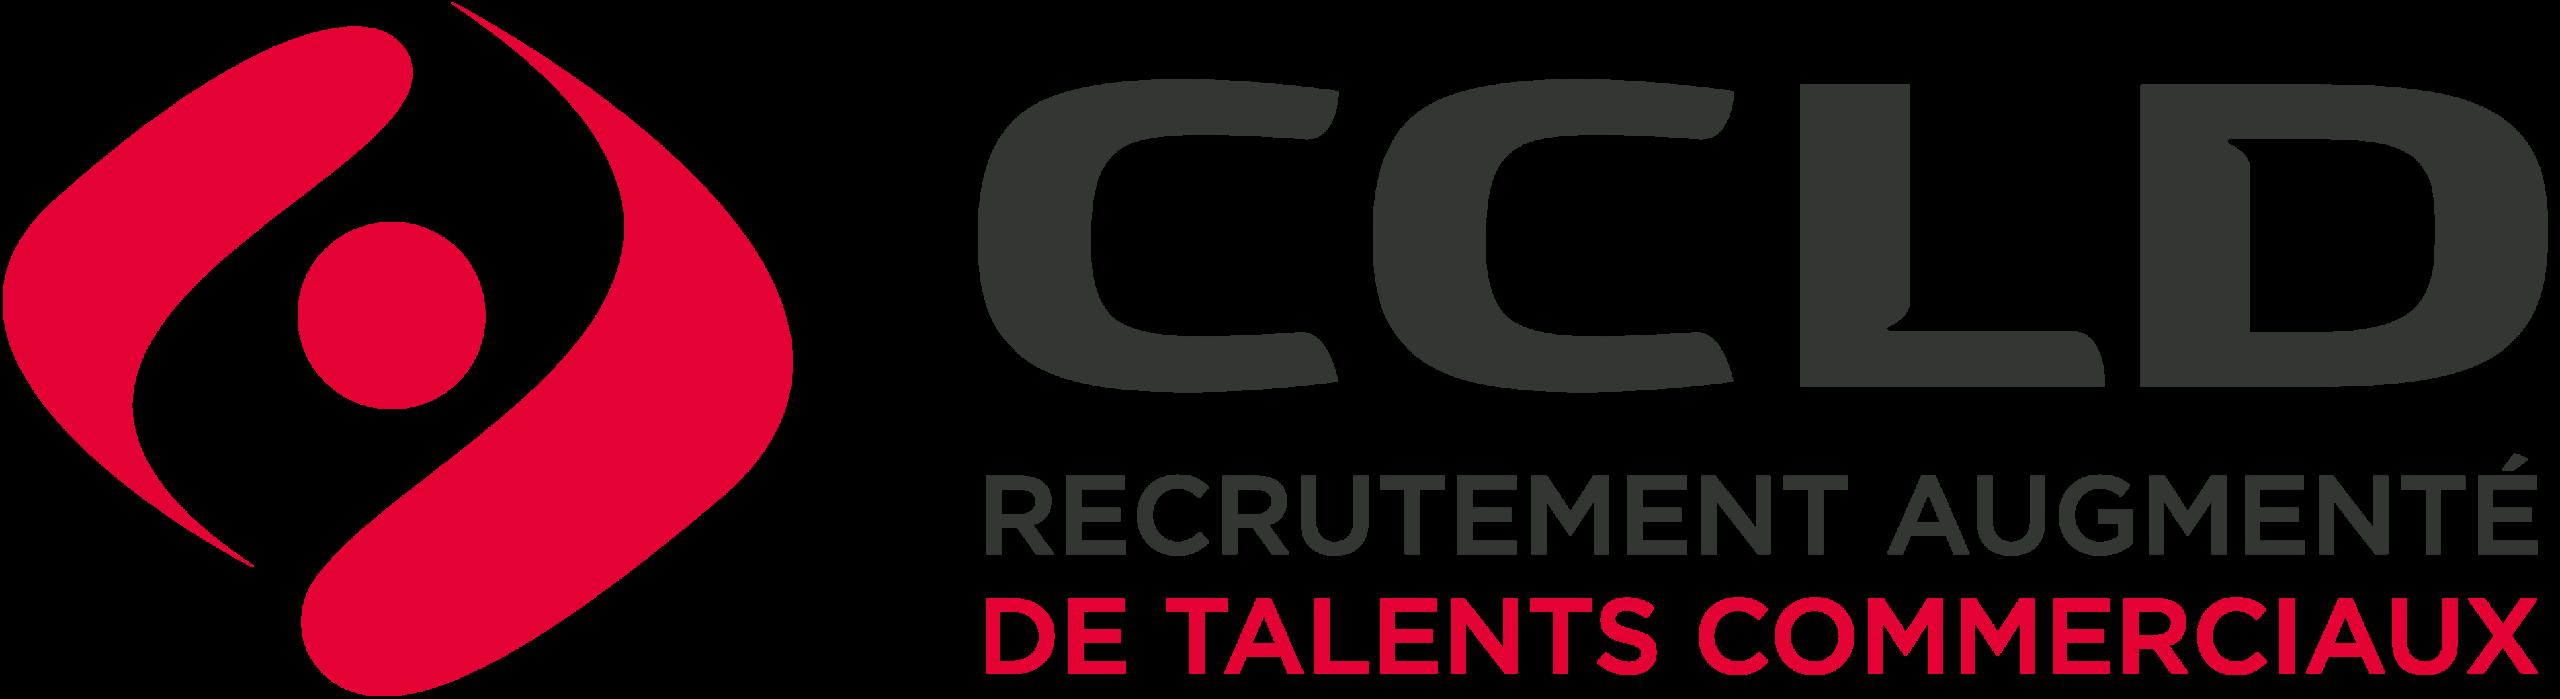 Logo Partenaire CCLD